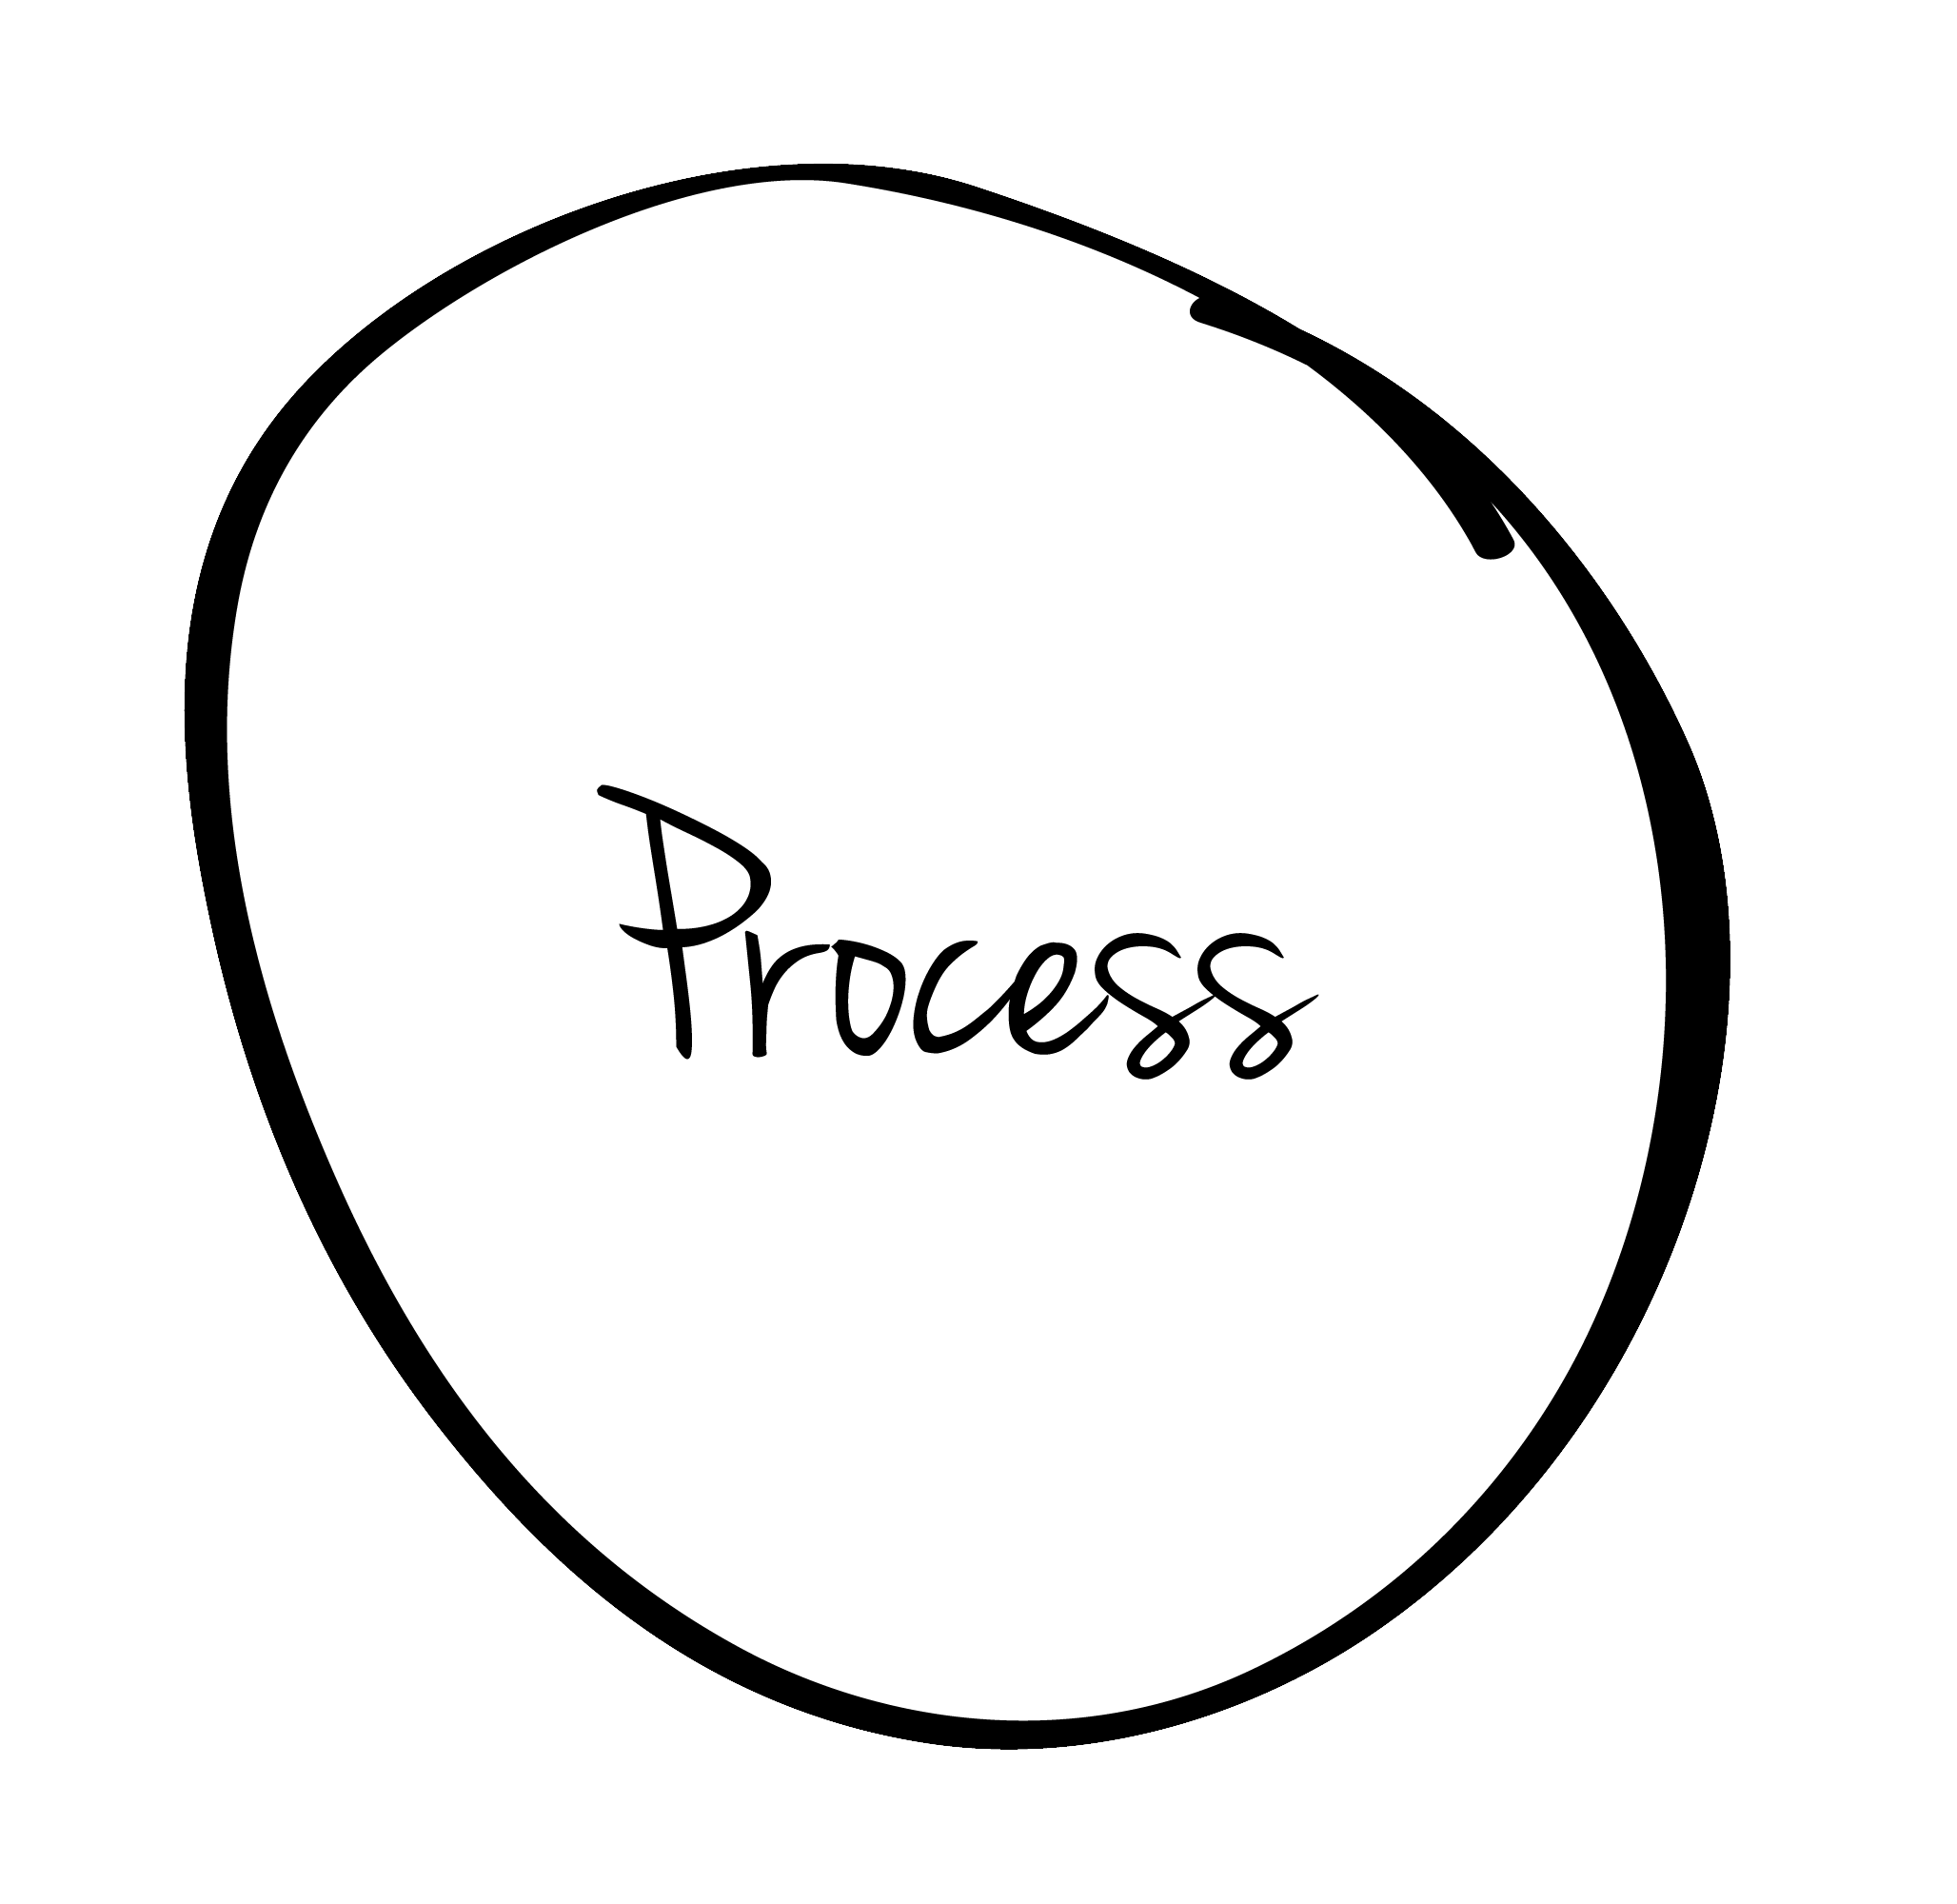 Process circle.png